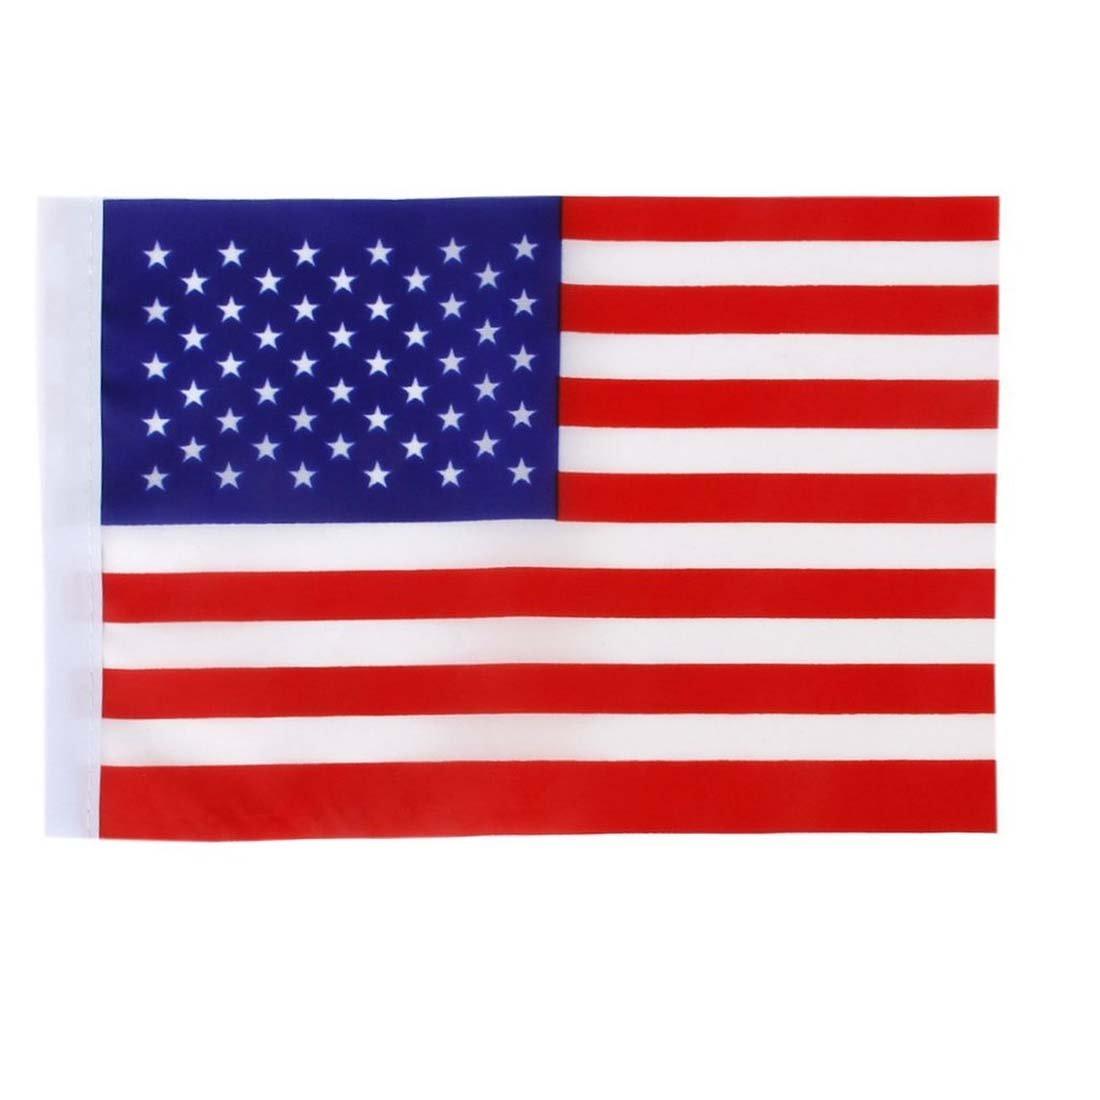 REFURBISHHOUSE Lot de 12pcs 21x14cm Mini Drapeau Americain USA Fanion avec Mats Rouge+Blanc+Bleu